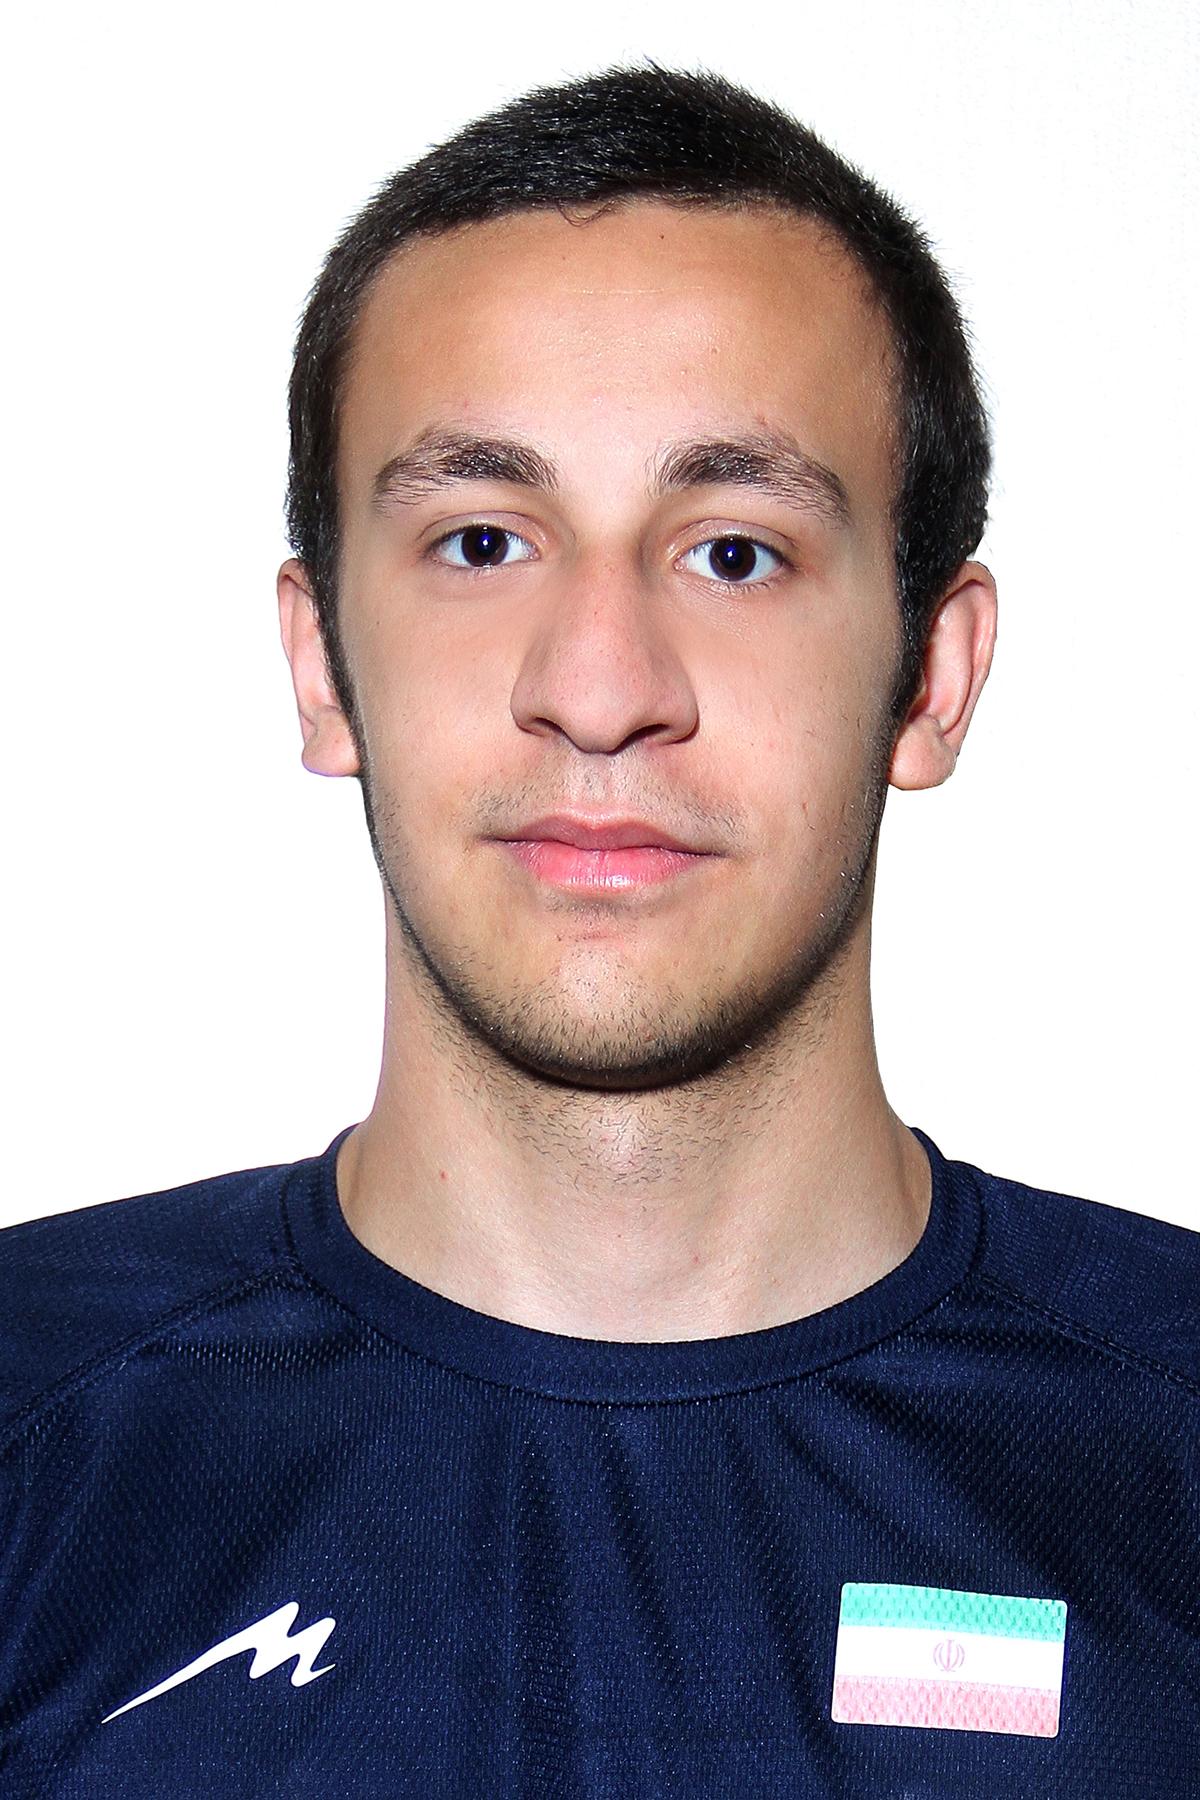 Hossein Soleiman Ahari